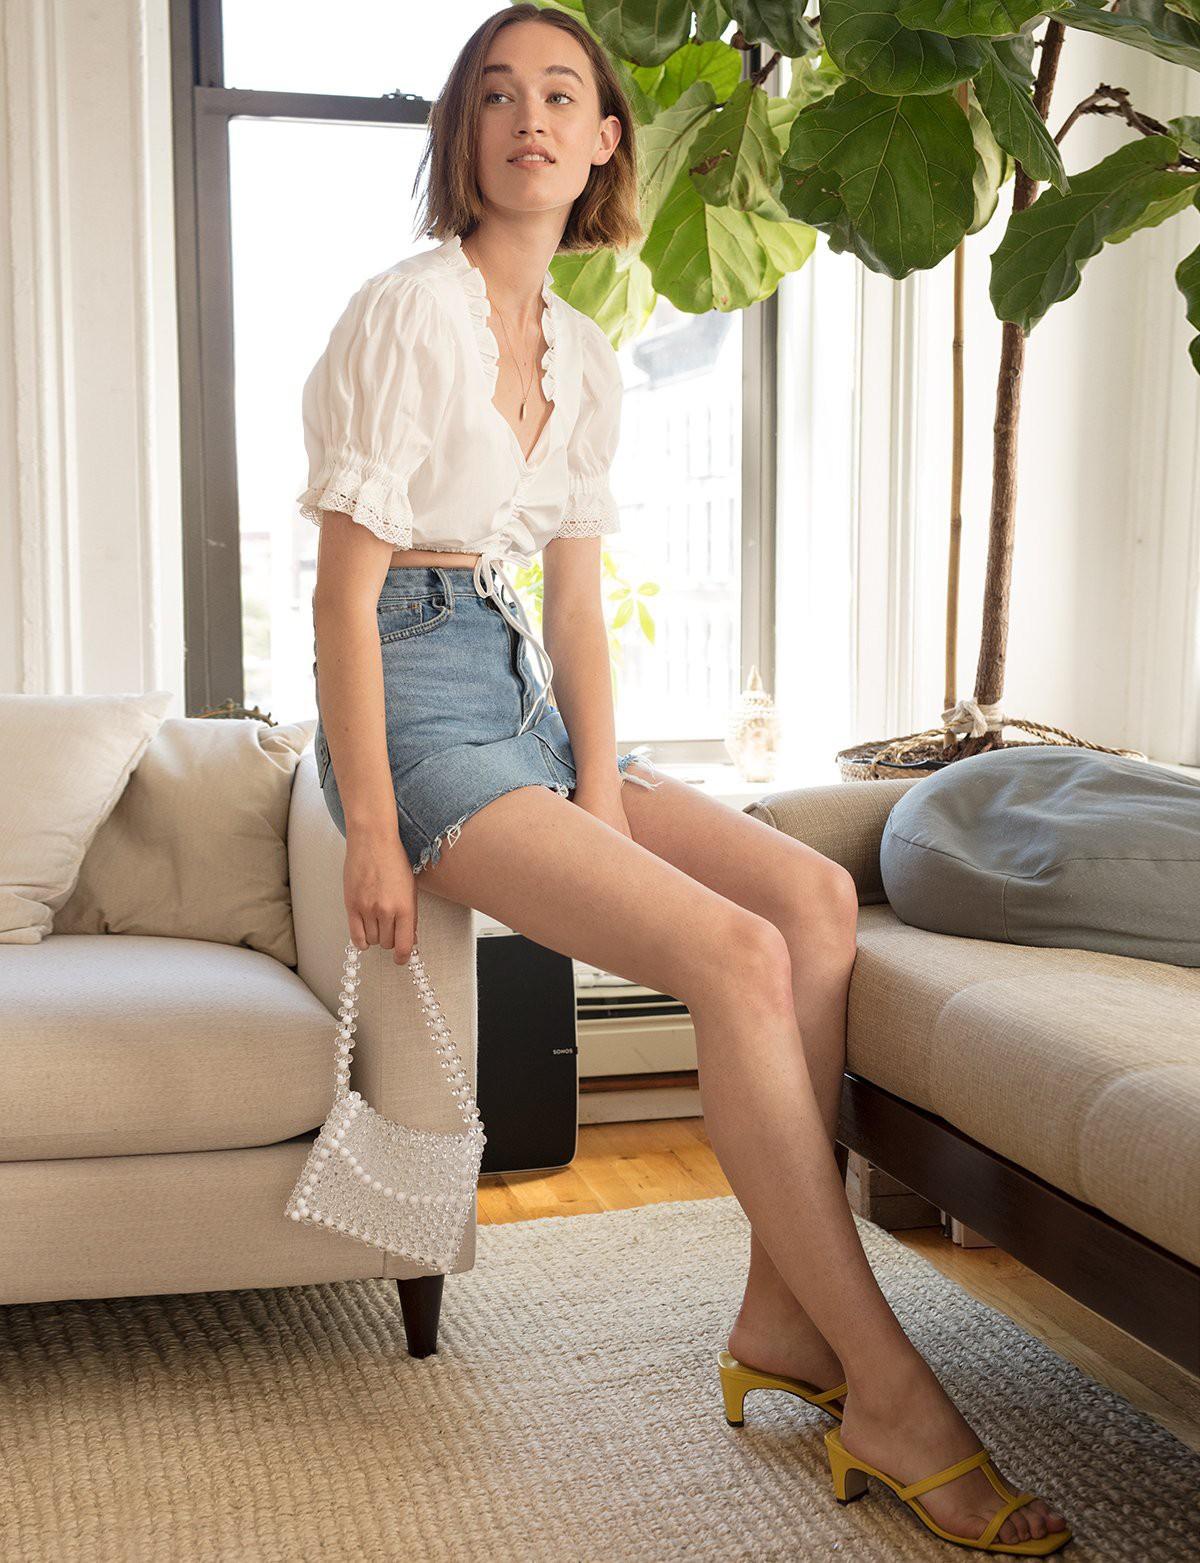 10 kiểu áo blouse hot nhất hiện nay, ngắm rồi chỉ muốn sắm cho bằng hết để mặc - Ảnh 12.